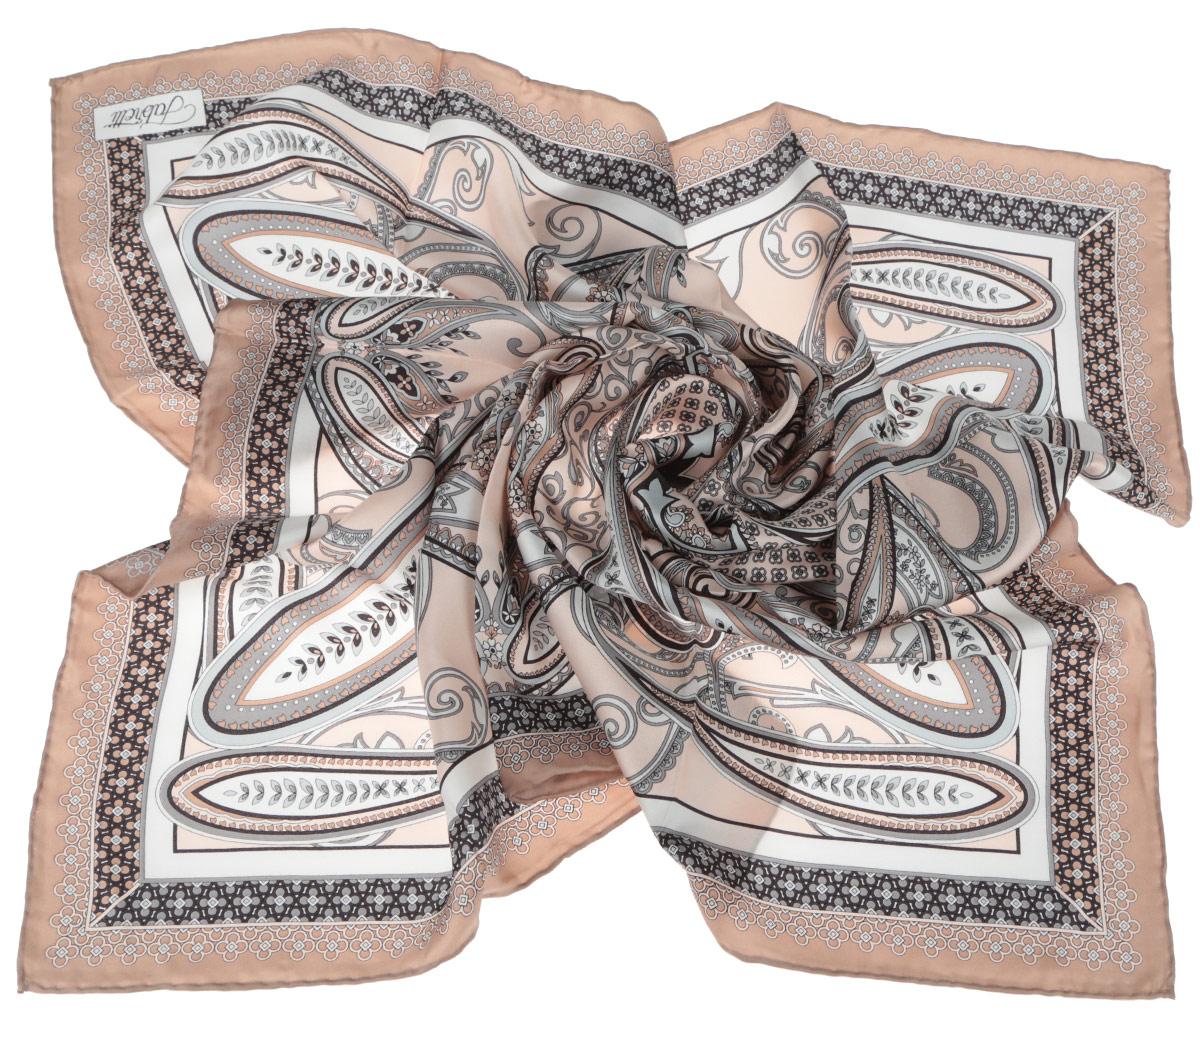 CX1516-52-5Стильный женский платок Fabretti станет великолепным завершением любого наряда. Платок изготовлен из высококачественного 100% шелка и оформлен изысканным этническим принтом в индийском стиле. Классическая квадратная форма позволяет носить платок на шее, украшать им прическу или декорировать сумочку. Мягкий и шелковистый платок поможет вам создать изысканный женственный образ, а также согреет в непогоду. Такой платок превосходно дополнит любой наряд и подчеркнет ваш неповторимый вкус и элегантность.